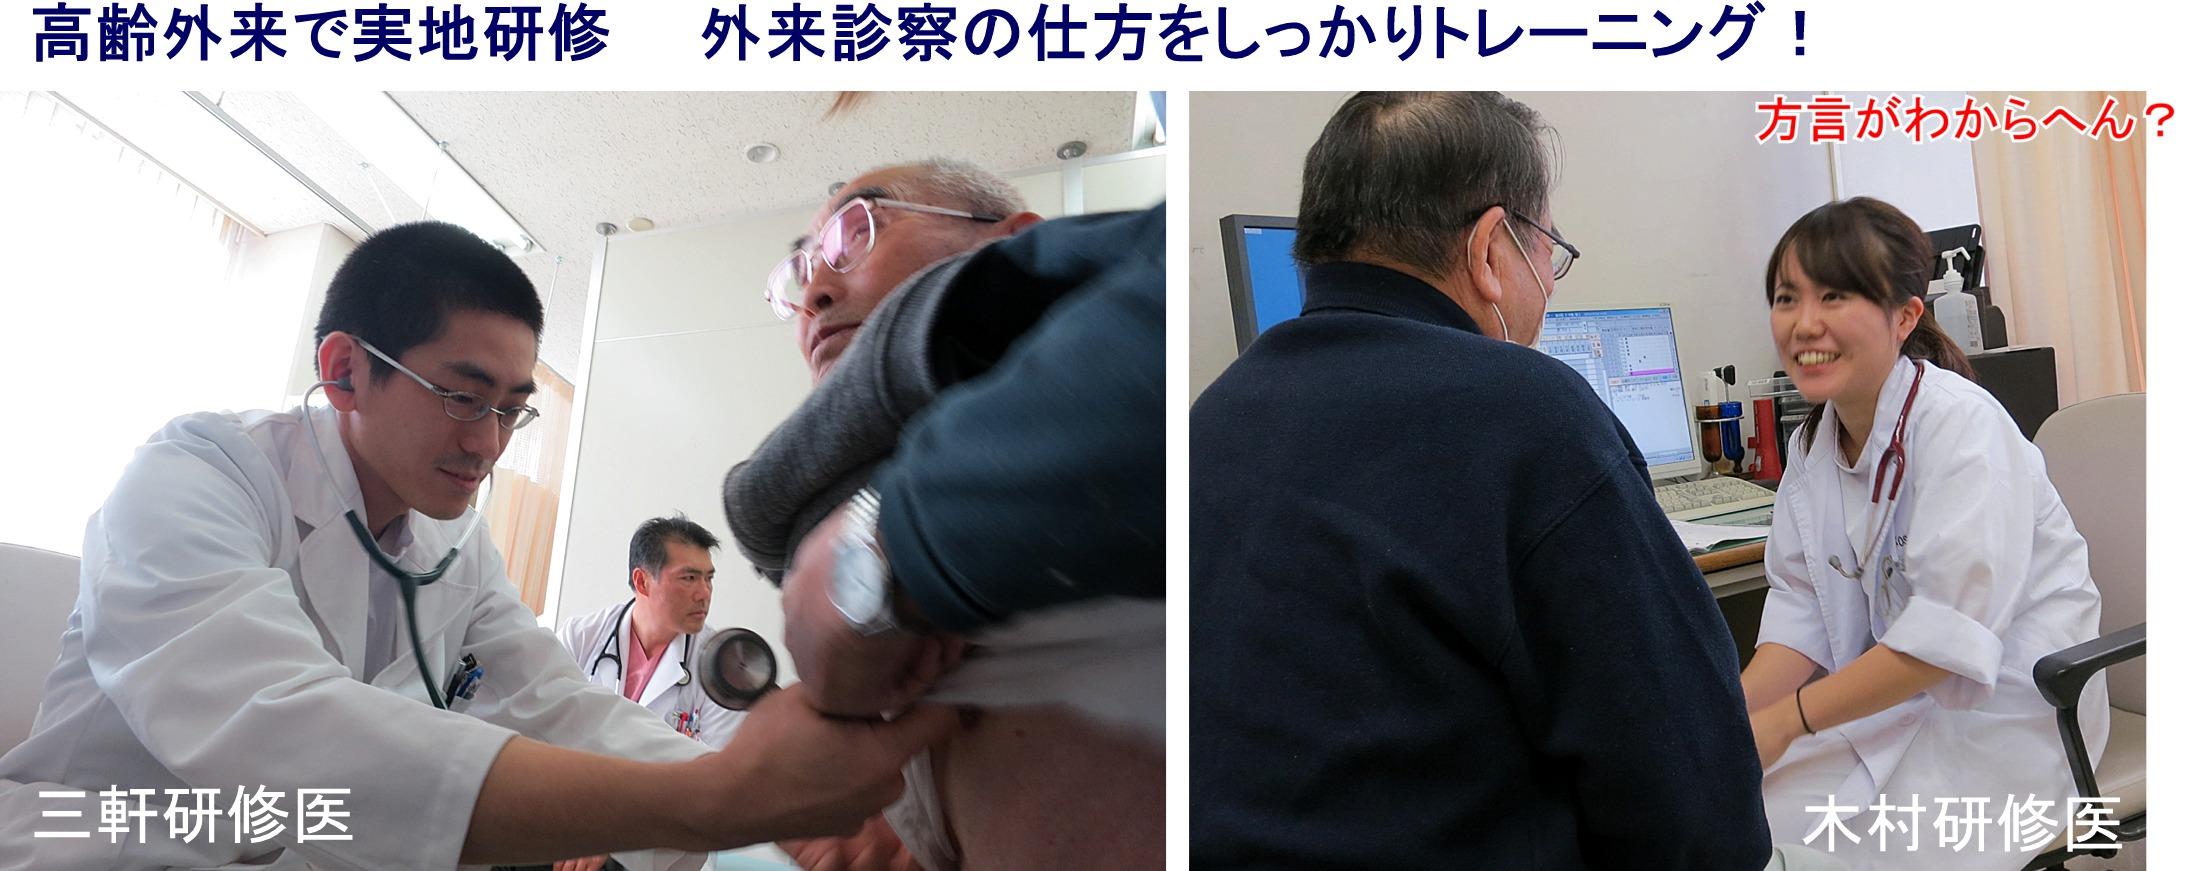 20131205gairai.jpg